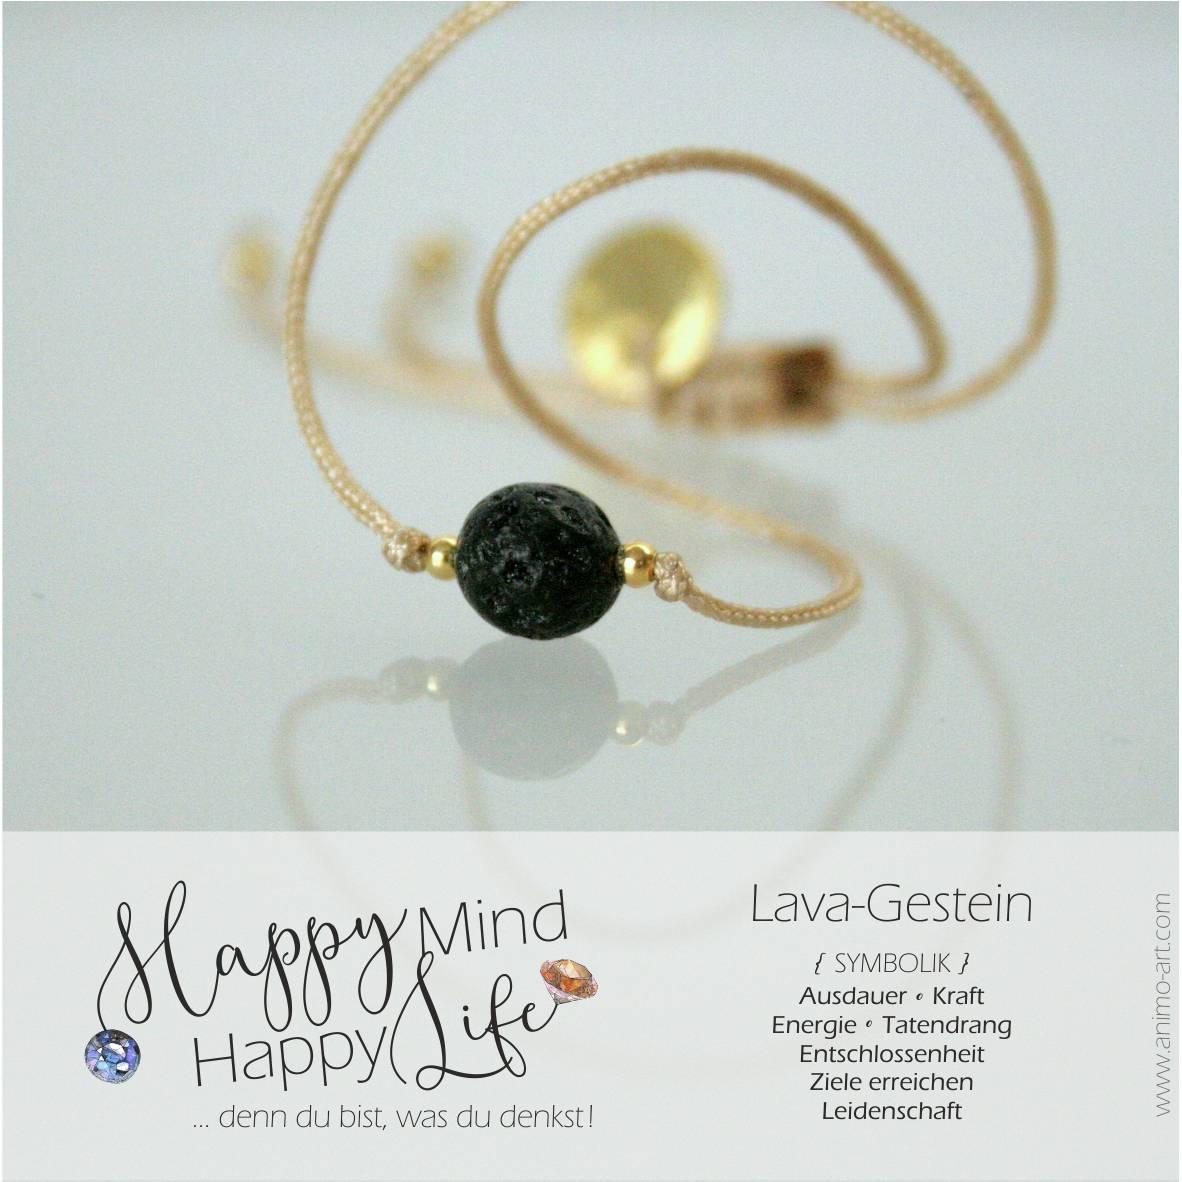 Lava-Gestein Bedeutung, Armband mit Lava-Gestein-Edelstein in schwarz, , Happy Mind Happy Life